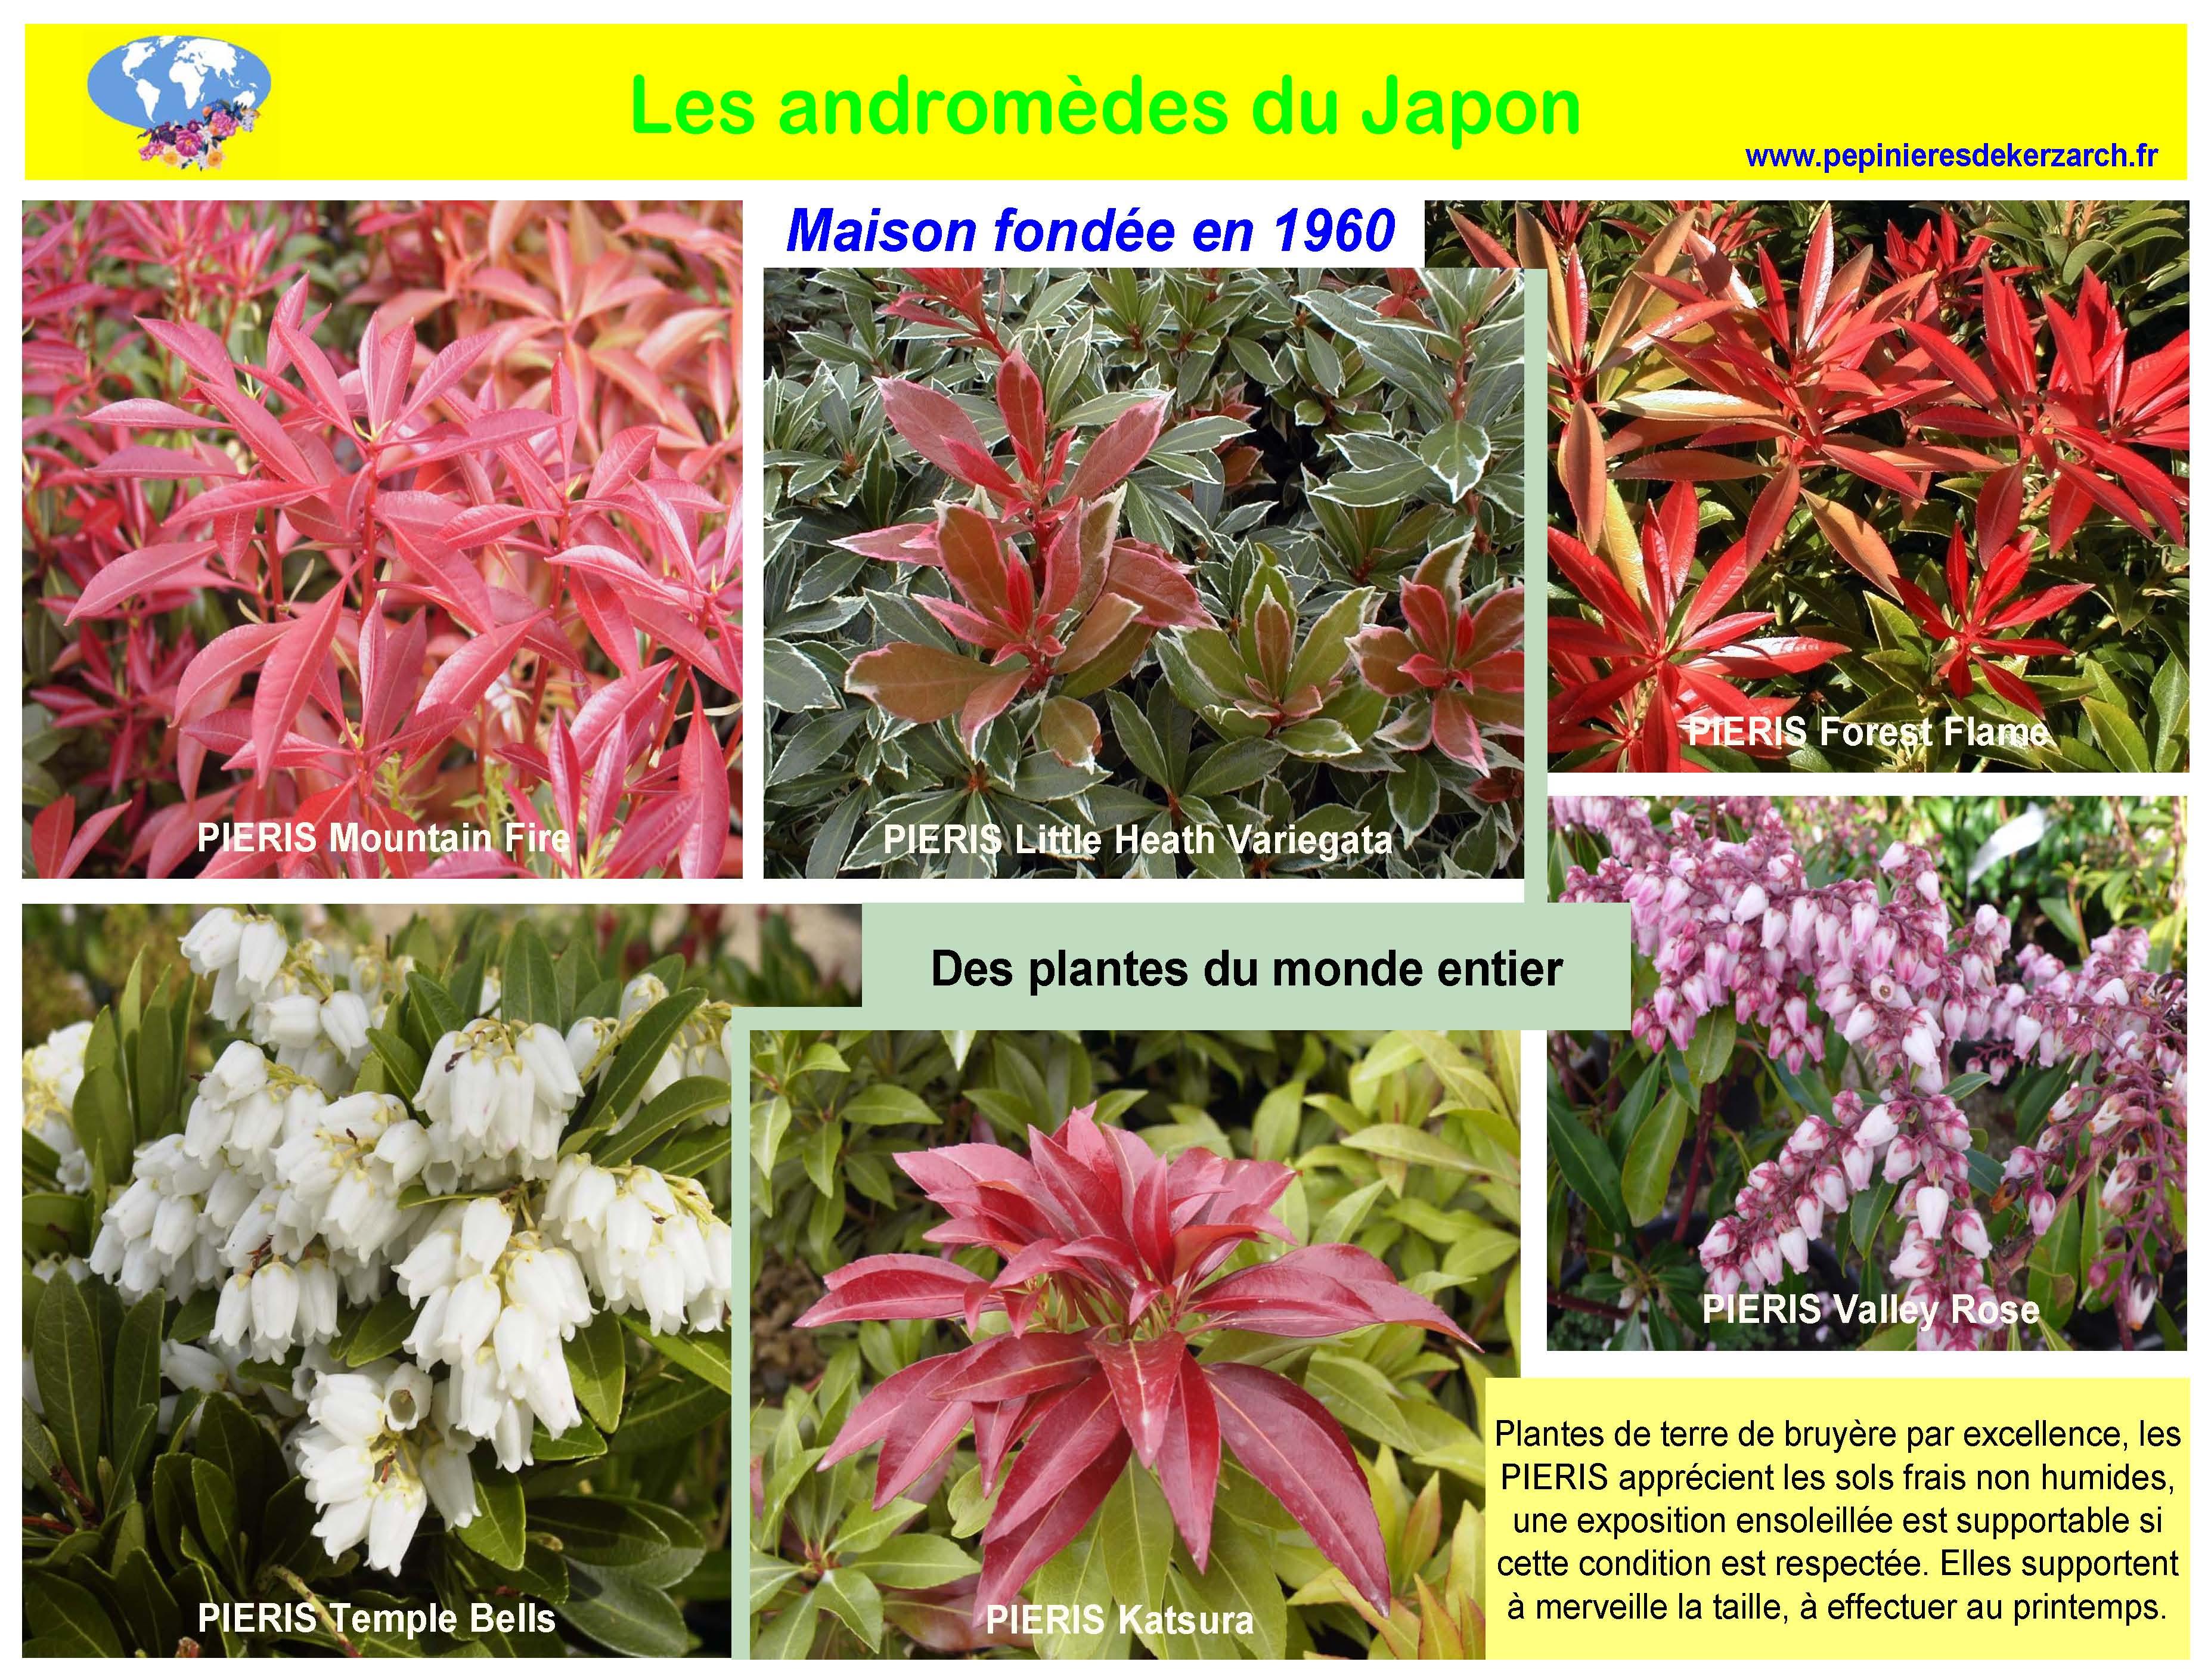 Les androm des du japon p pini res de kerzarc 39 h - Confiture de nefles du japon ...